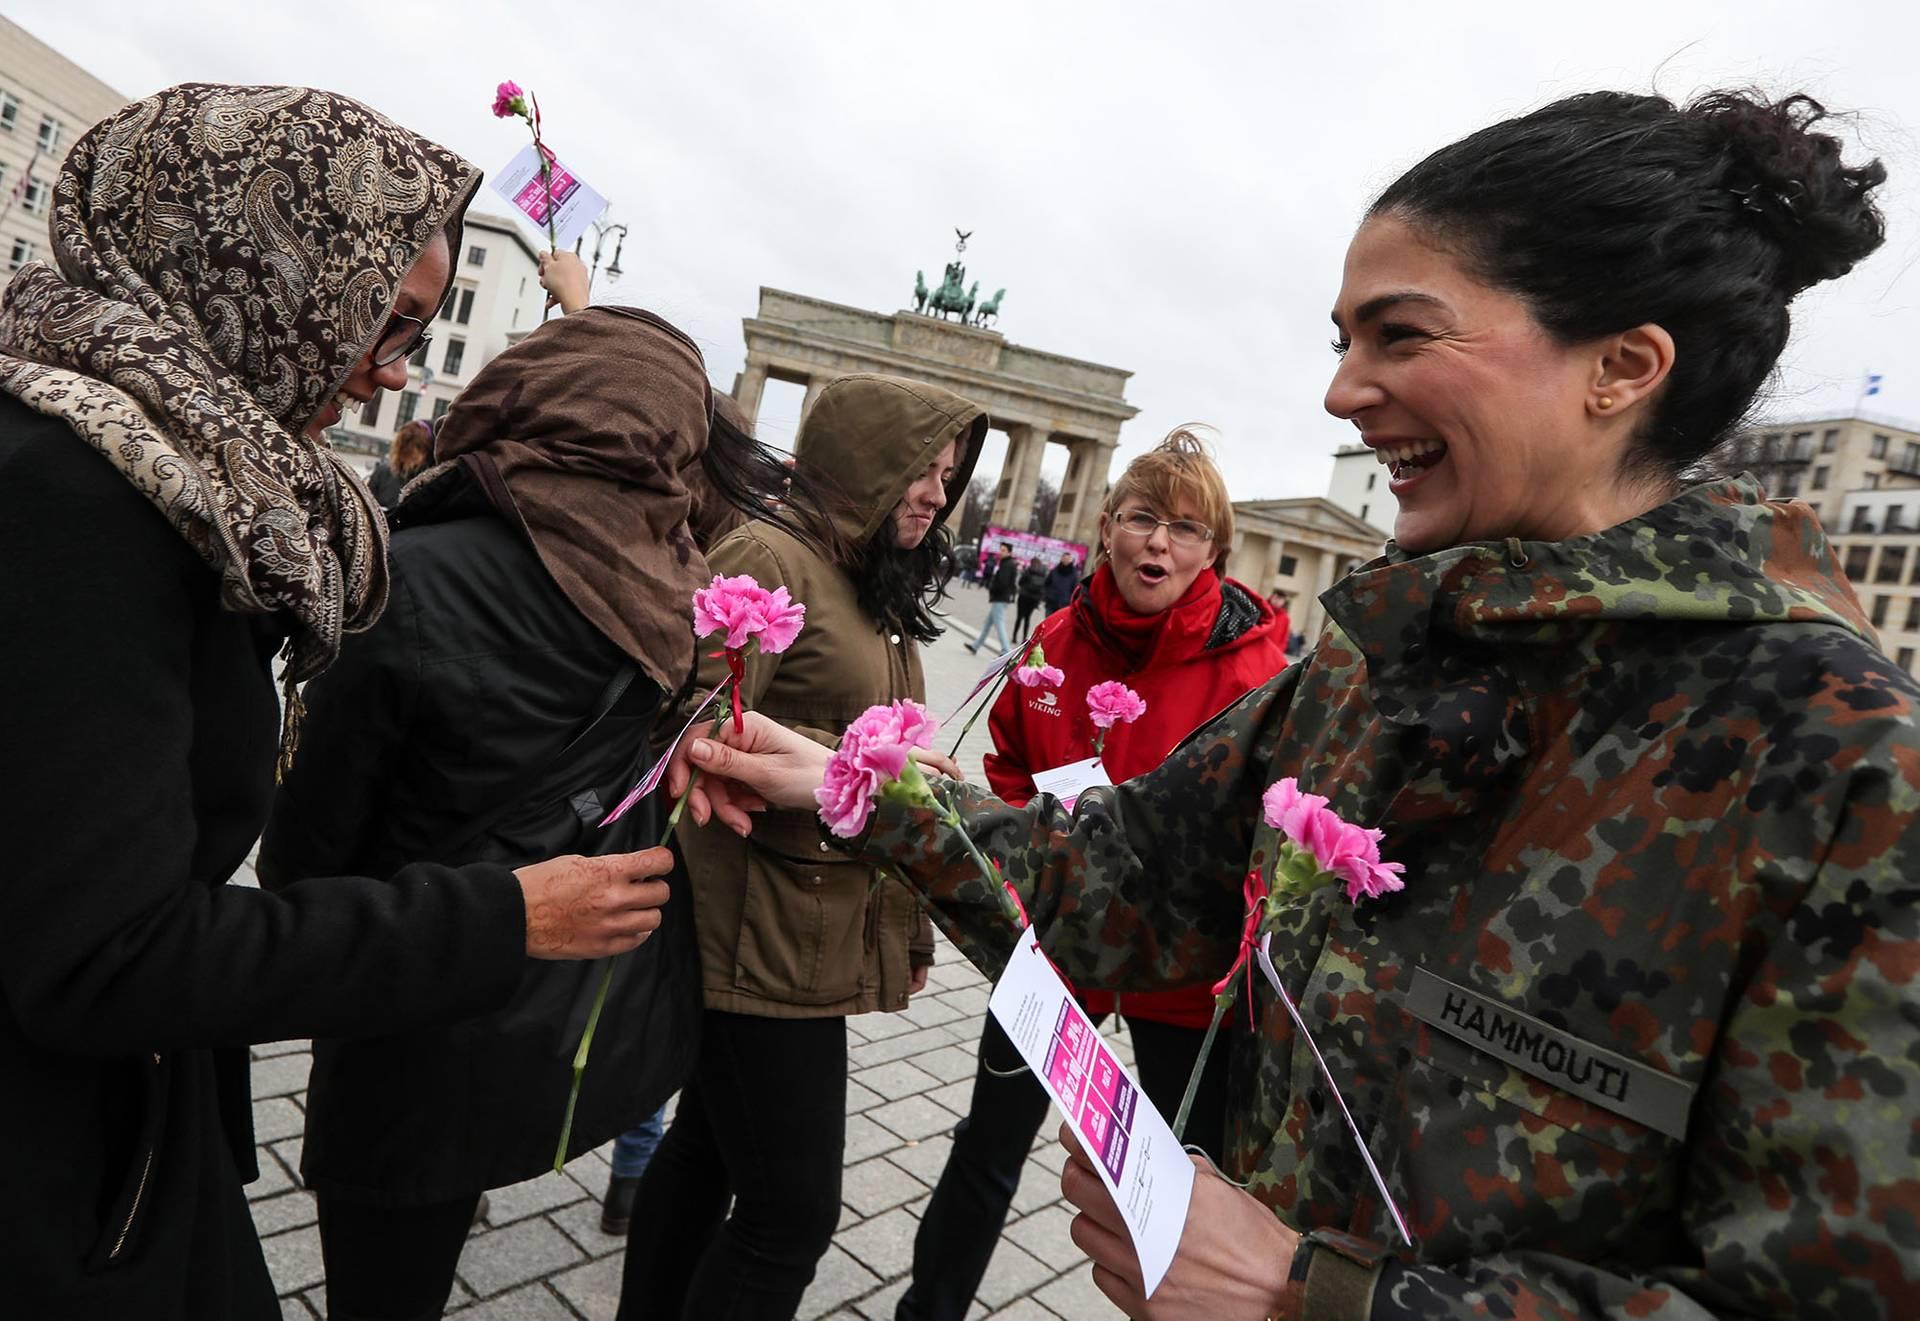 Жінки-військові німецьких збройних сил роздають квіти жінкам біля Бранденбурзьких воріт з нагоди Міжнародного дня захисту прав жінок у Берліні, Німеччина, 8 березня 2019 року